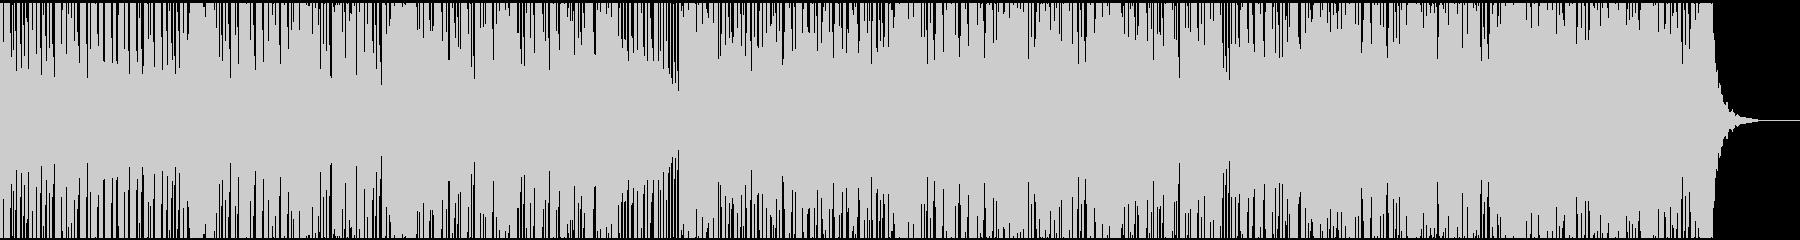 和風な迫力のある太鼓ドラムのアレンジ曲の未再生の波形